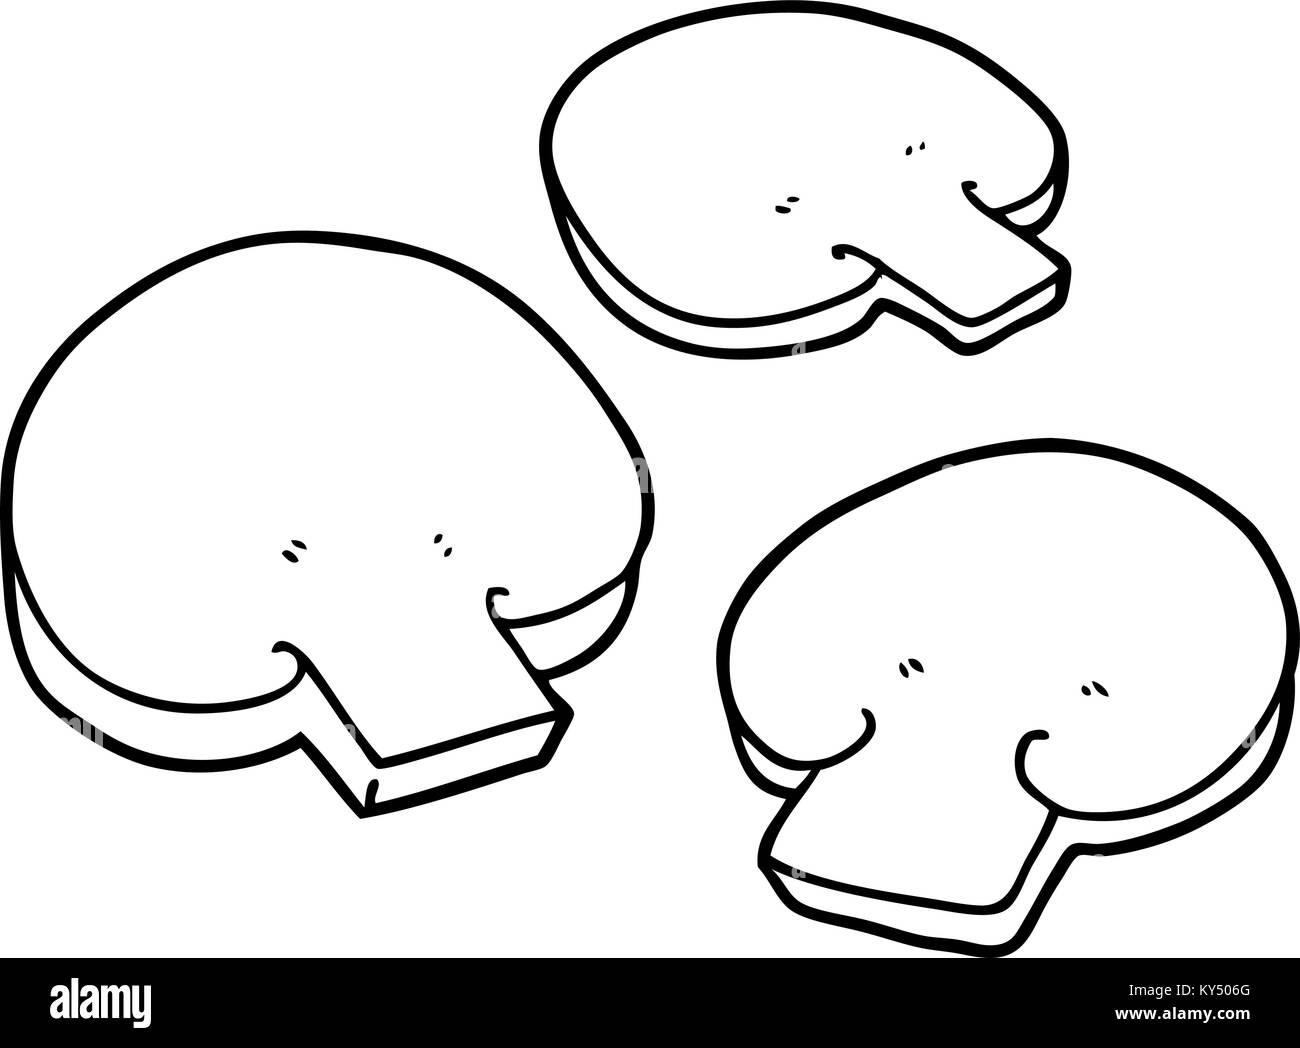 cartoon mushrooms Stock Vector